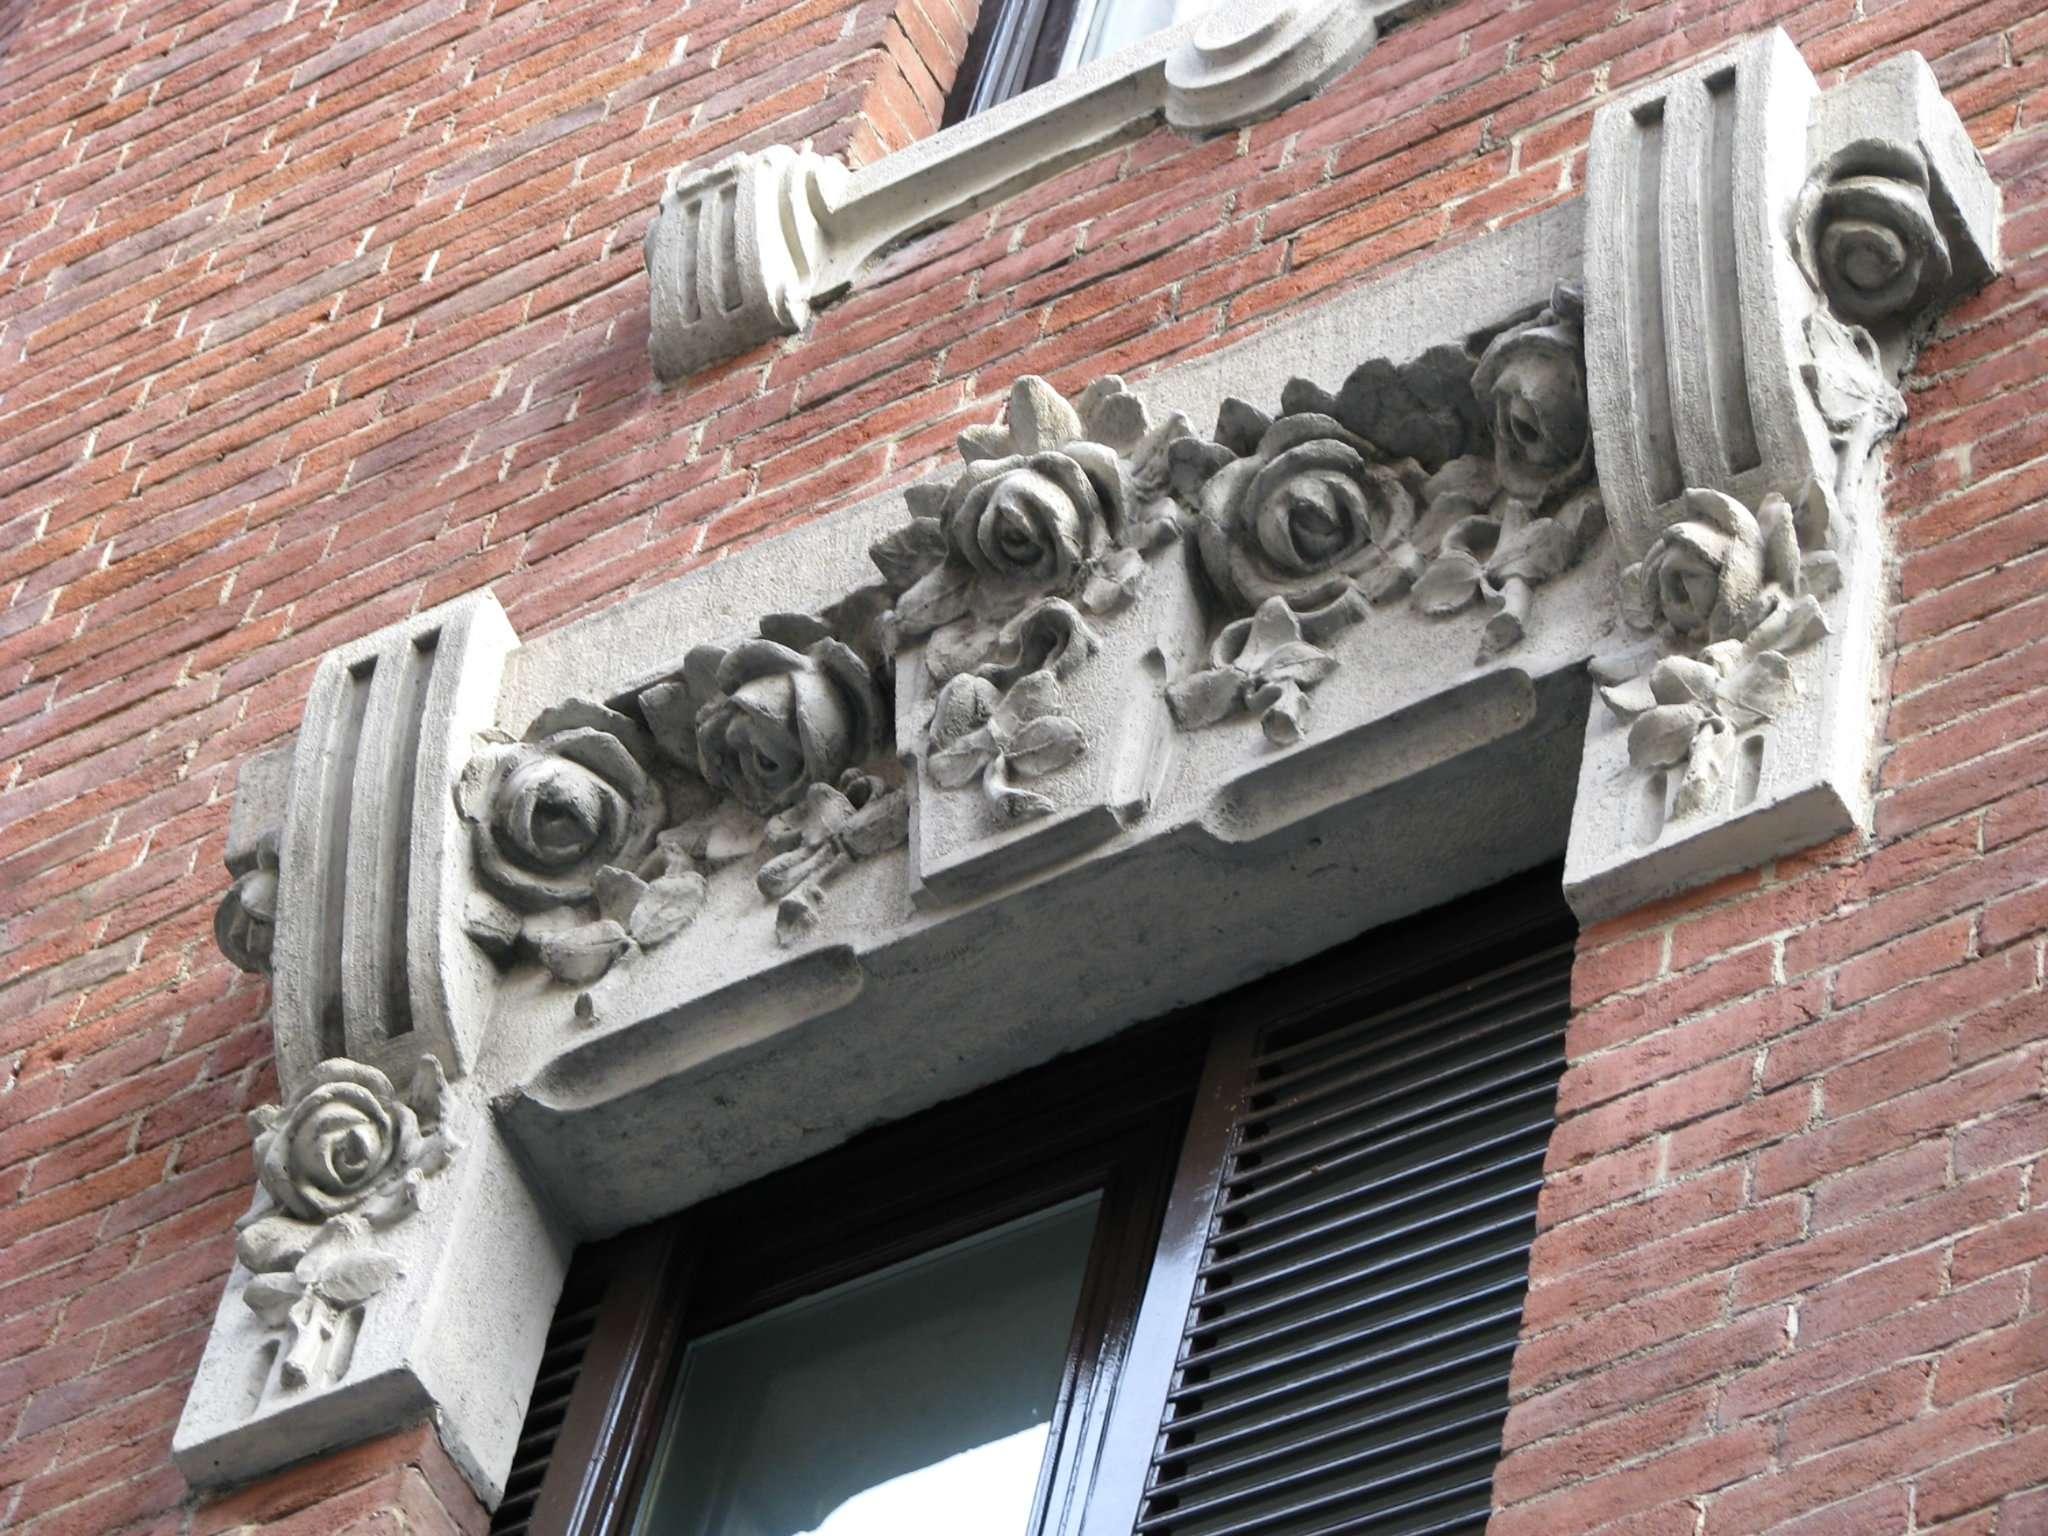 Appartamento in vendita a Torino, 6 locali, zona Zona: 9 . San Donato, Cit Turin, Campidoglio, , prezzo € 530.000 | Cambio Casa.it